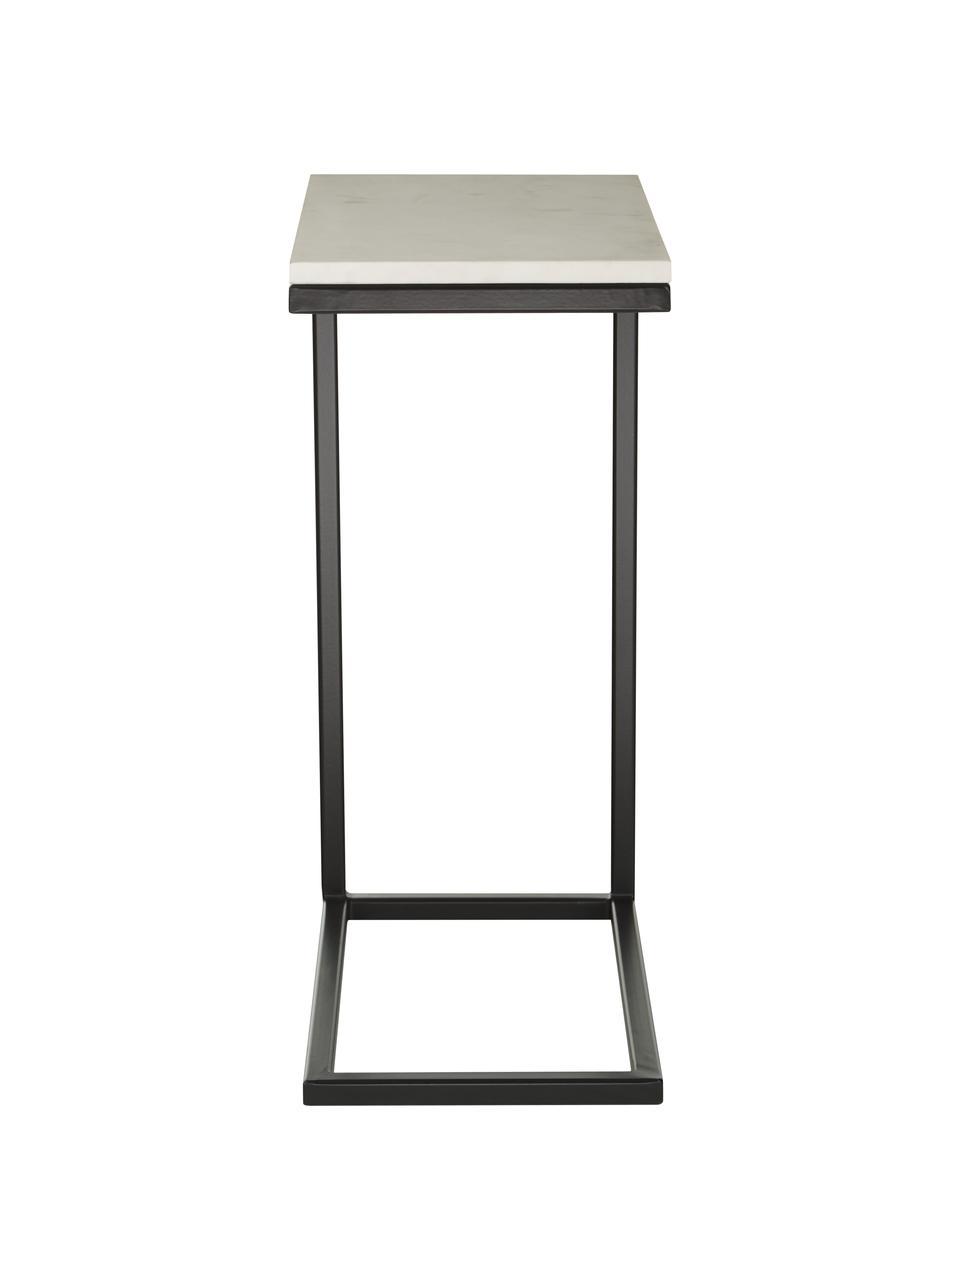 Marmor-Beistelltisch Celow, Tischplatte: Marmor, Mitteldichte Holz, Gestell: Metall, pulverbeschichtet, Weiß, 45 x 62 cm